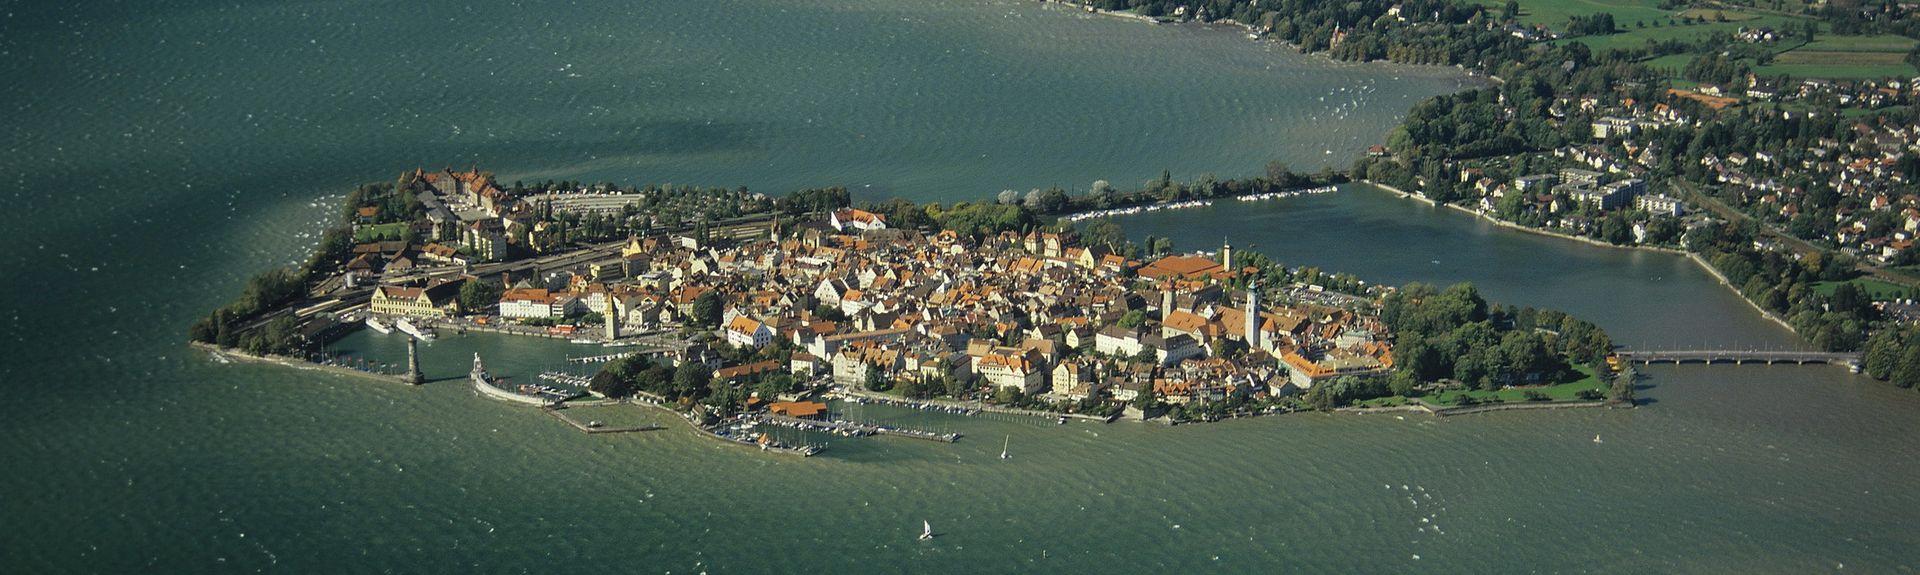 Giebelbach, Lindau (Bodensee), Bavaria, Germany